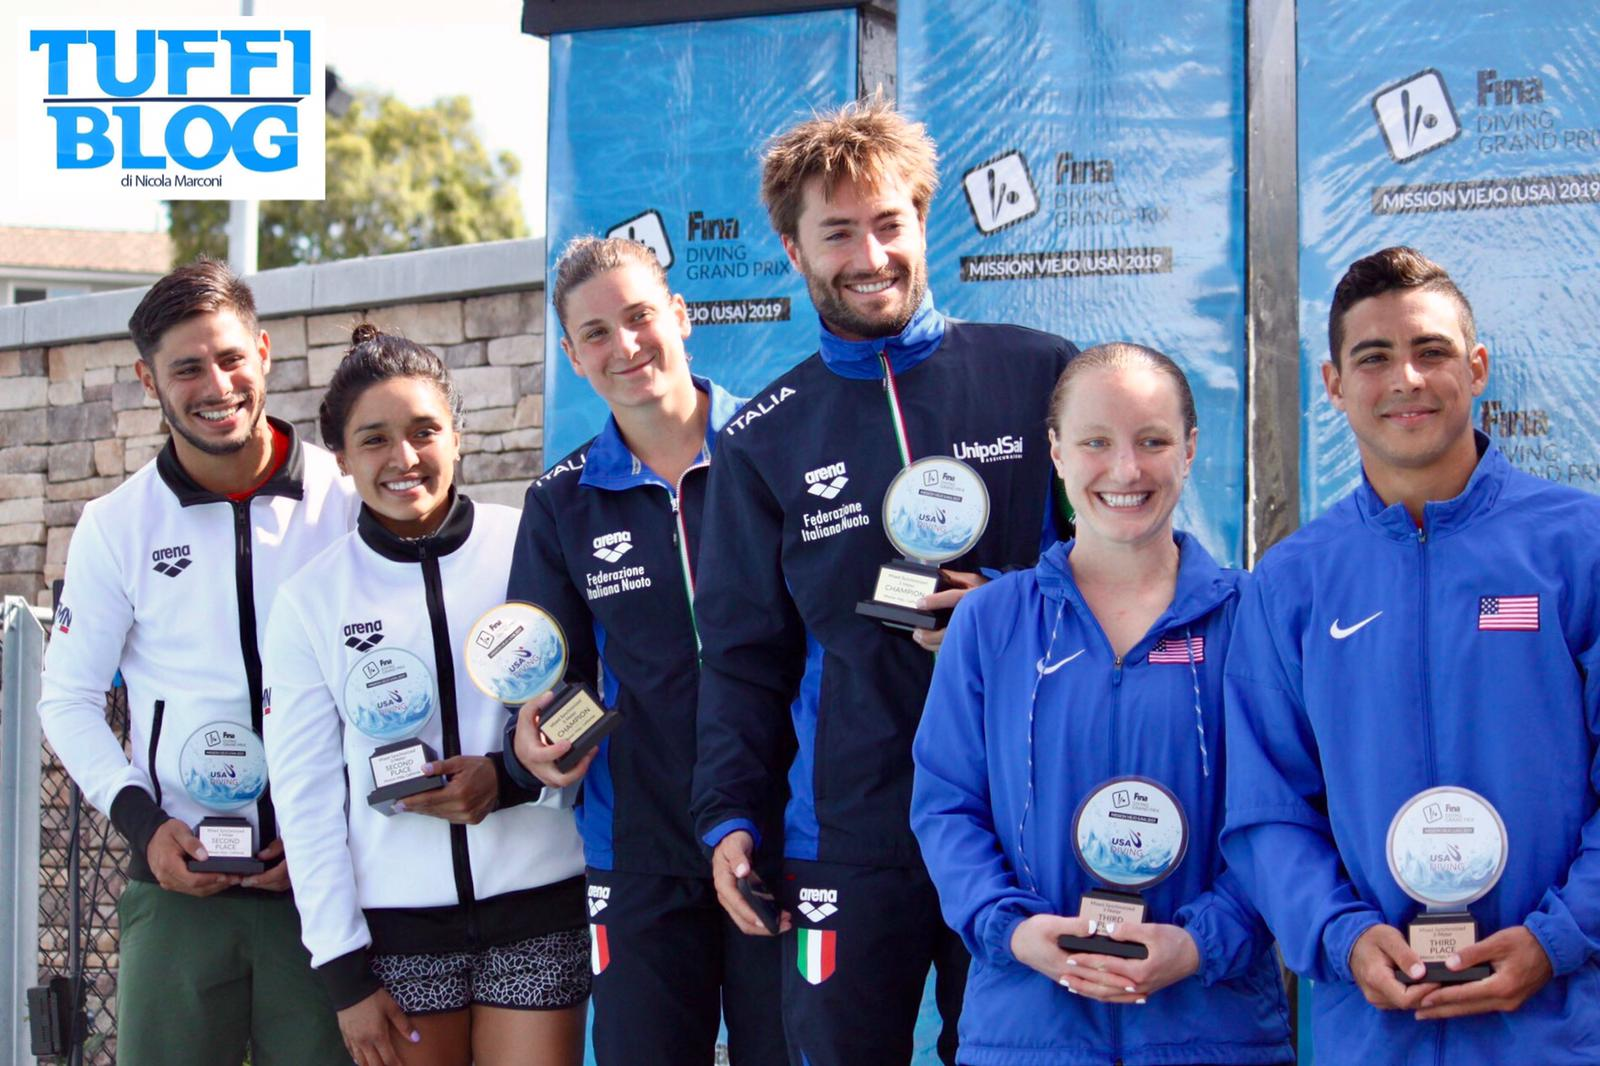 FINA Diving Grand Prix: Stati Uniti – chiusura d'oro, Bertocchi-Verzotto vincono il sincro misto!